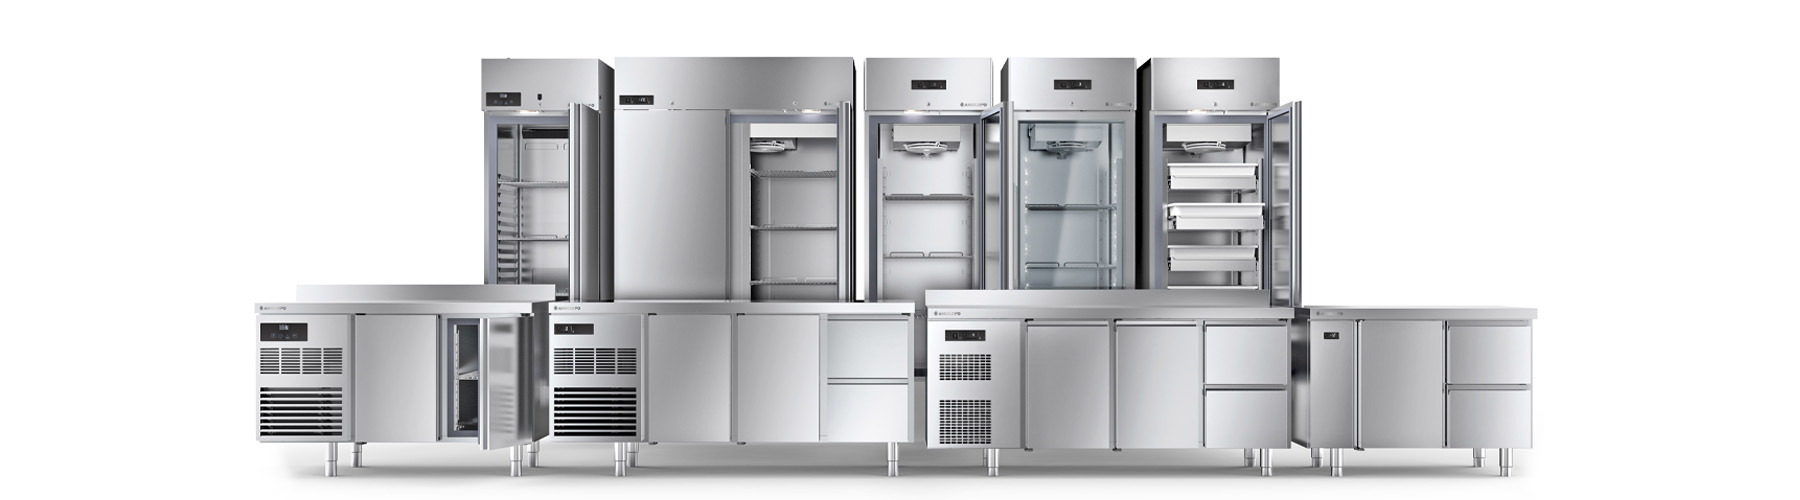 Refrigerazione-Fanucchi